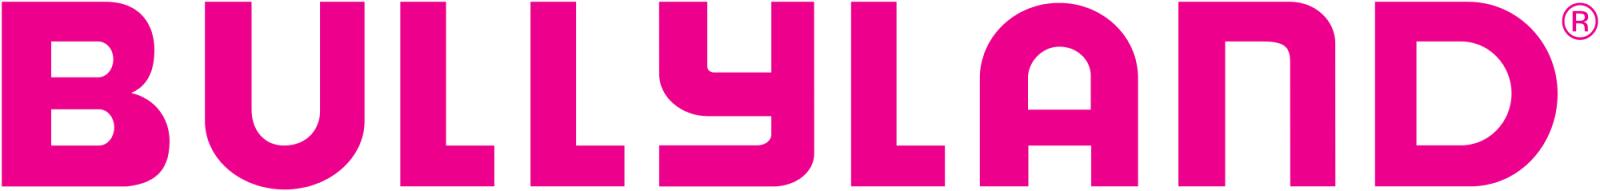 logo della bullyland azienda produce modellini, miniature e personaggi